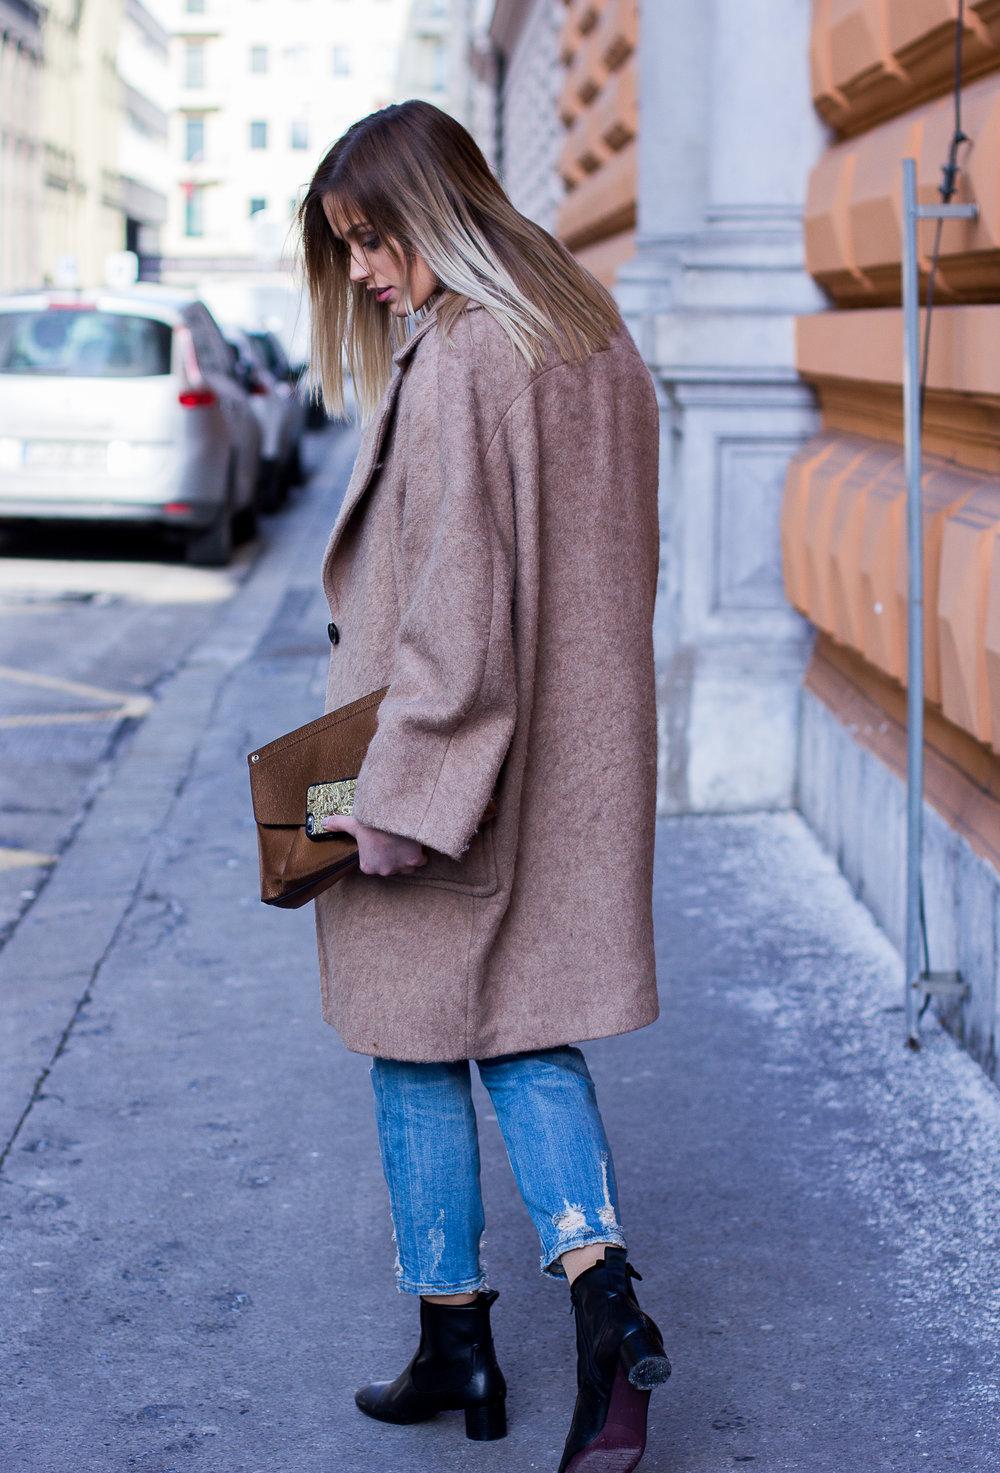 COAT  H&M  / JEANS, BAG, SHOES  ZARA  / SHIRT  MARX CLOTHES  / CASE  MMORE CASES